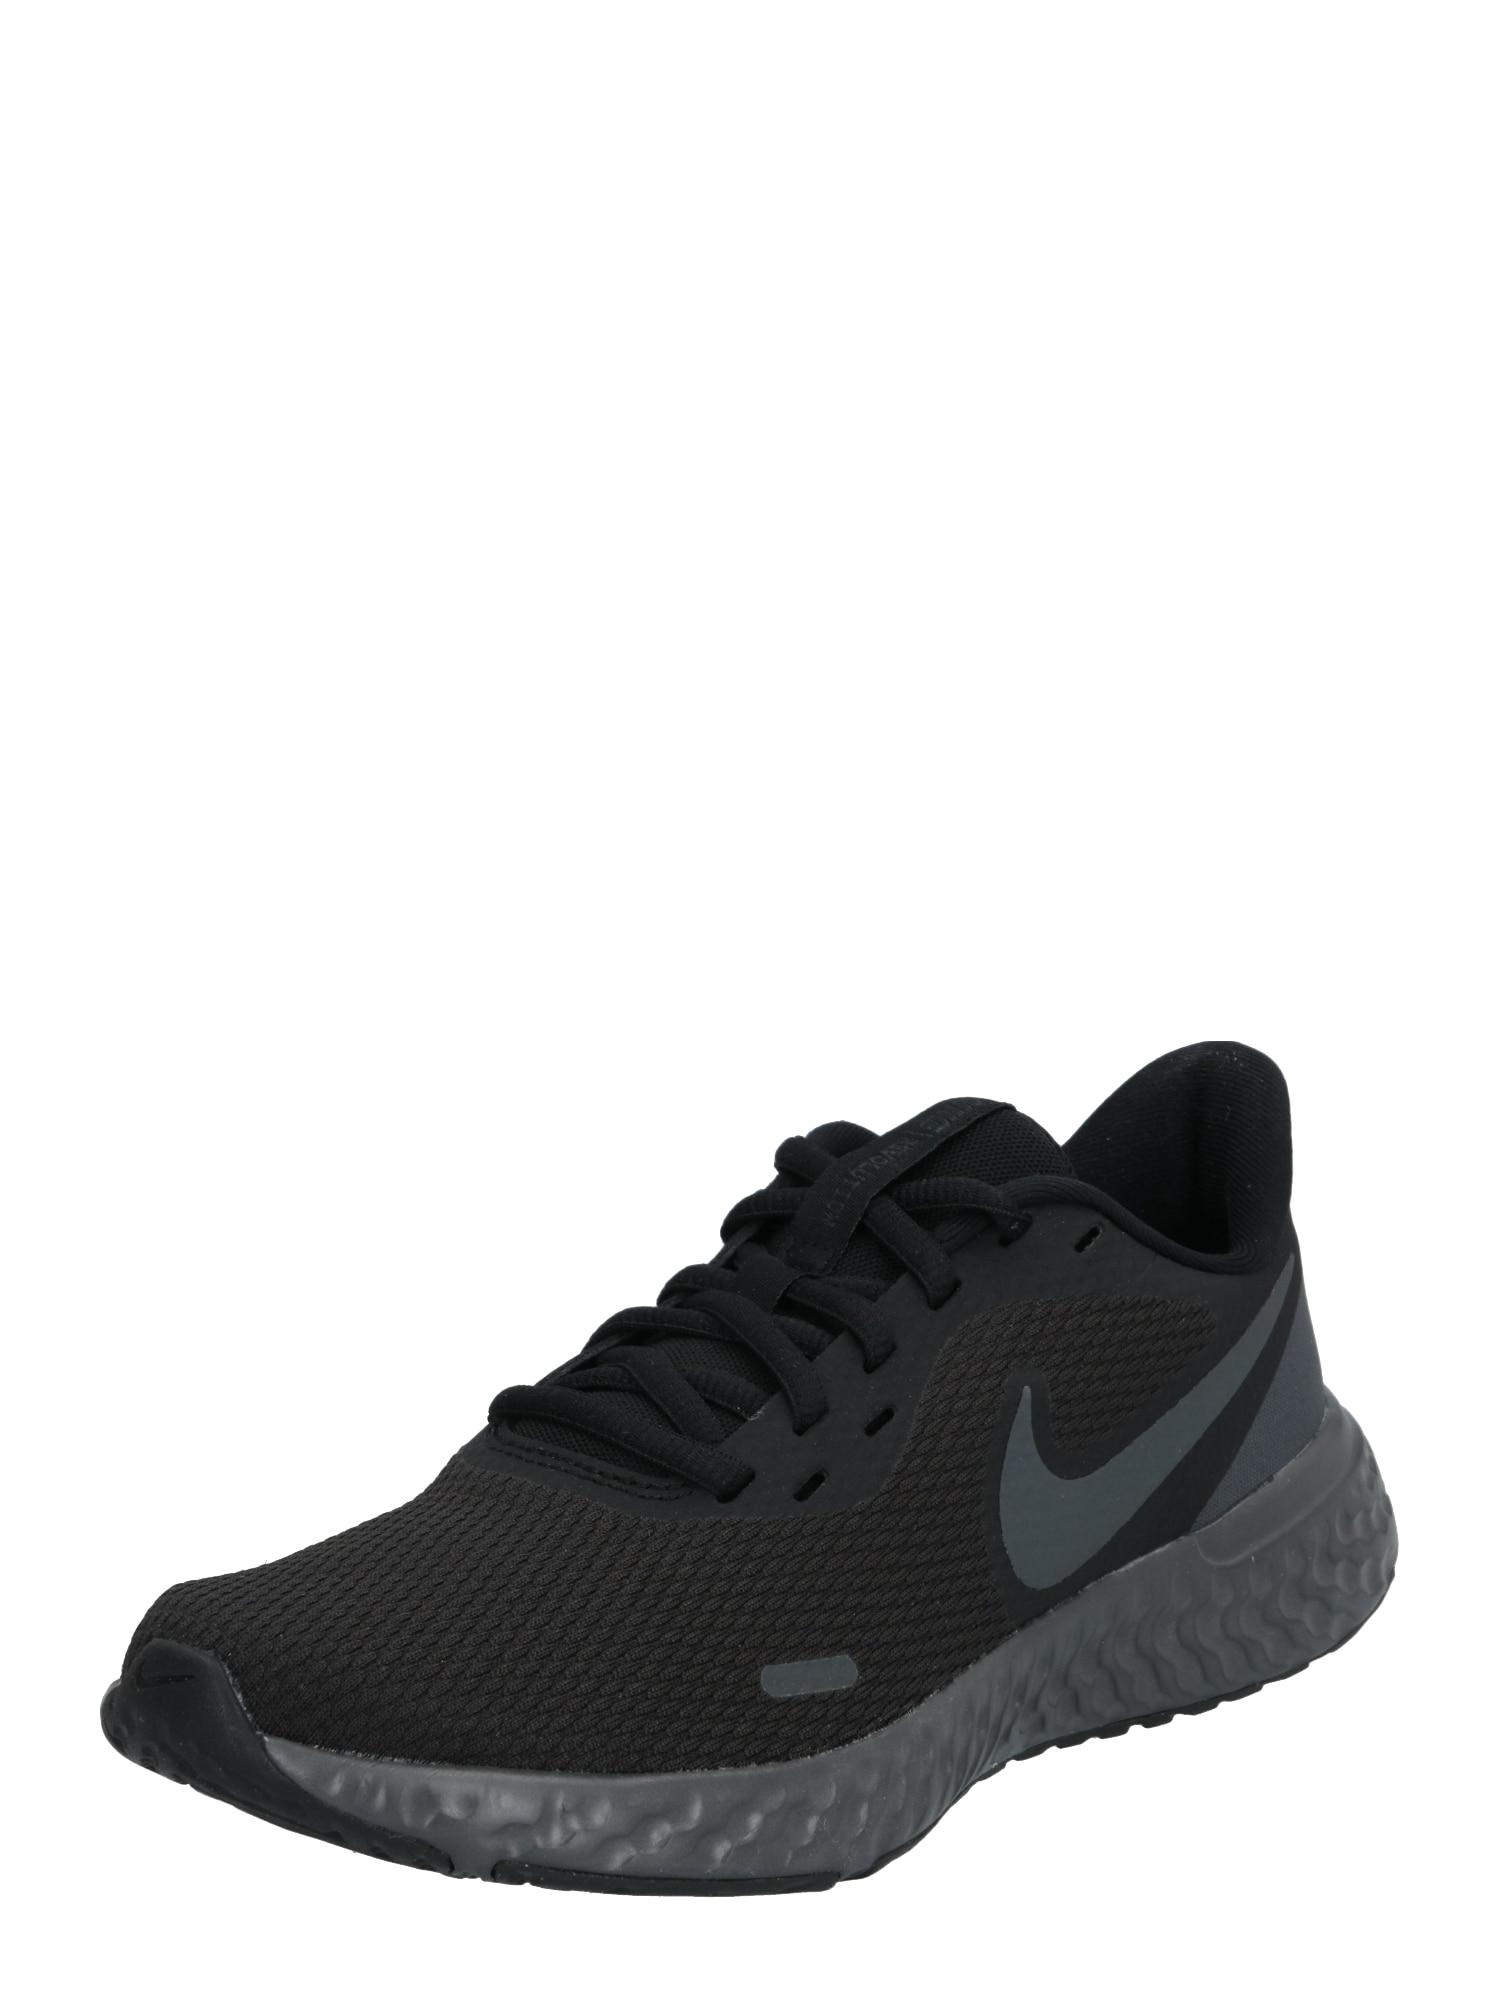 NIKE Bėgimo batai 'Revolution 5' juoda